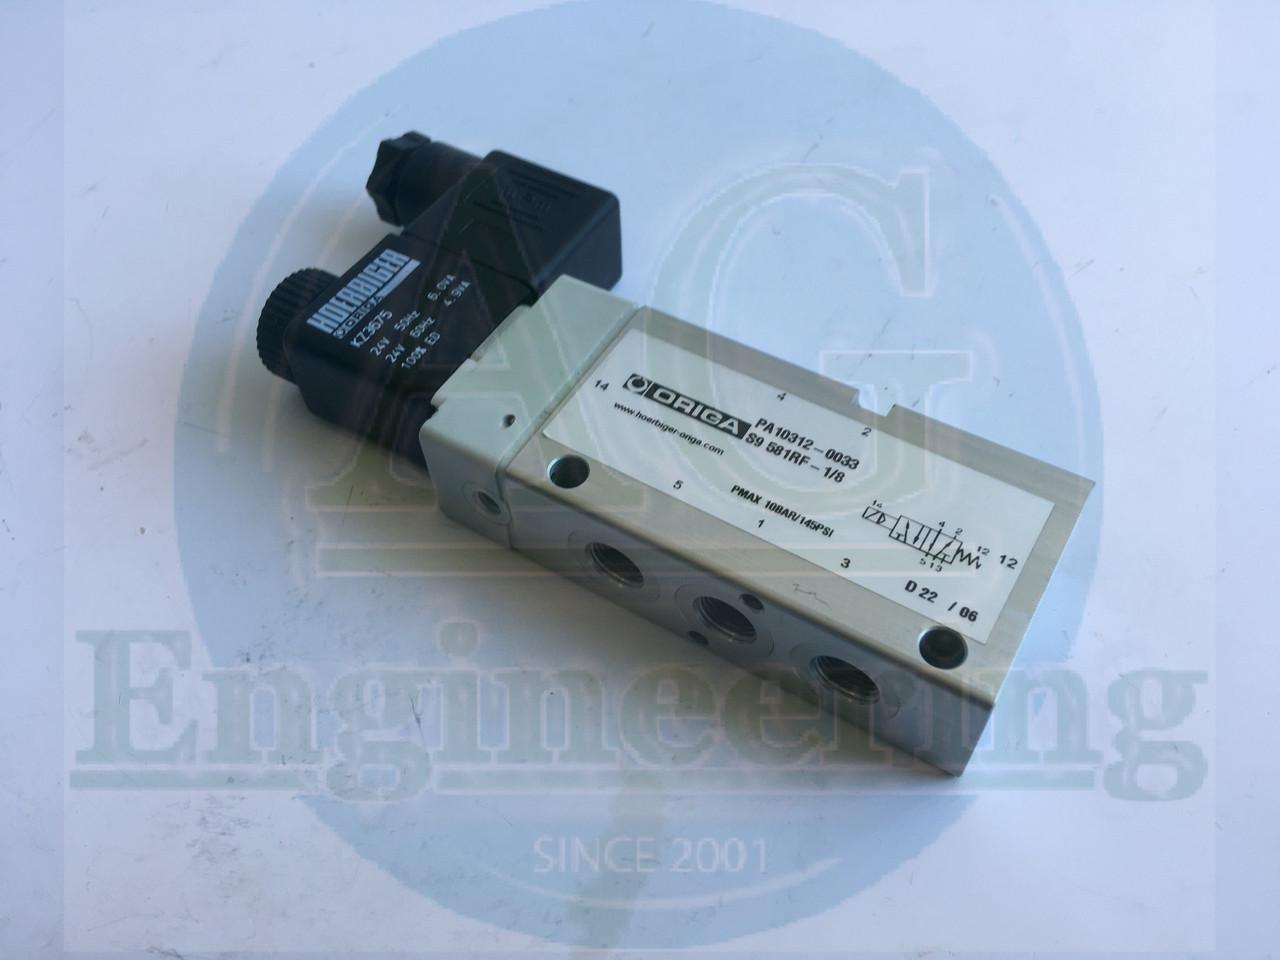 Клапан ORIGA 5/2 ходовой клапан с пружинным возвратом 3959 (GLS), H00246